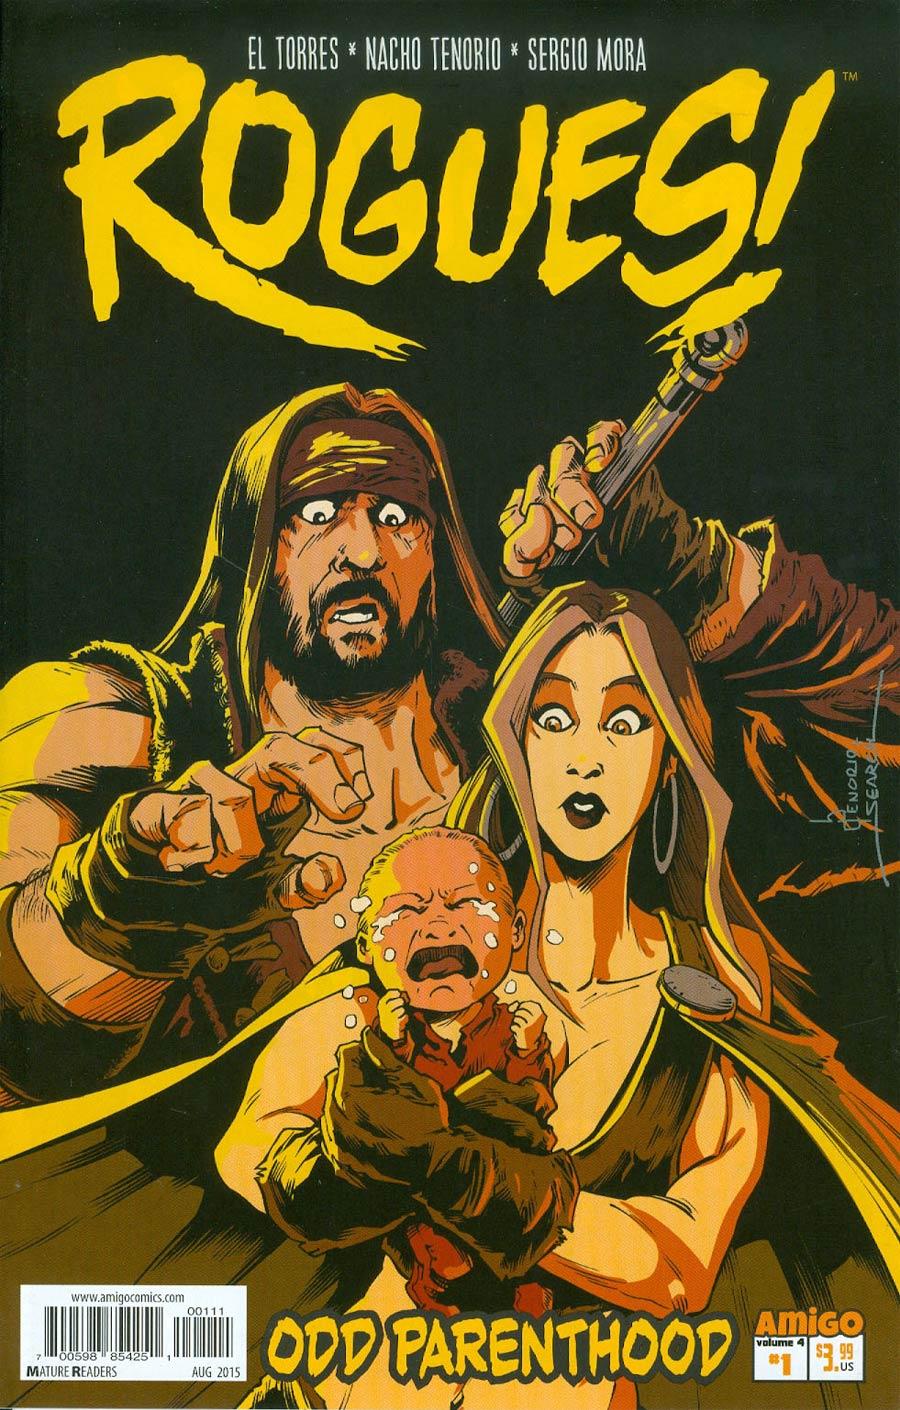 Rogues Odd Parenthood #1